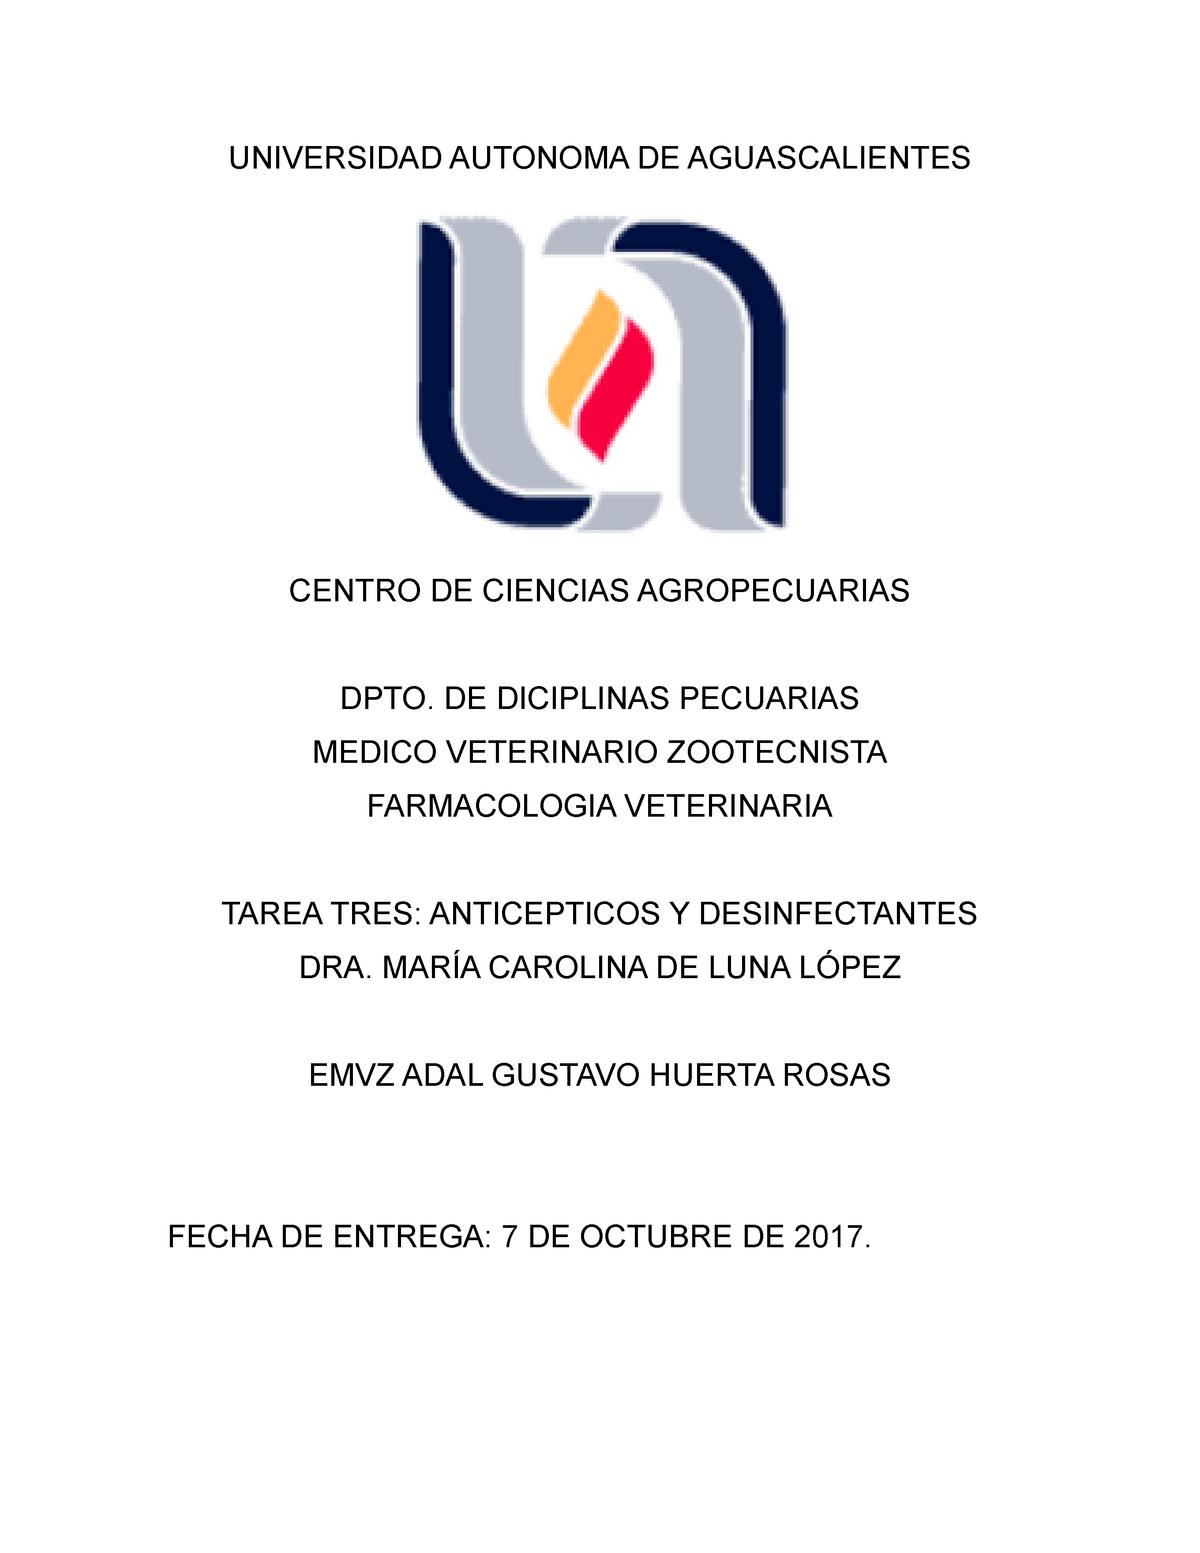 Desinfectantes Y Anticepticos Studocu